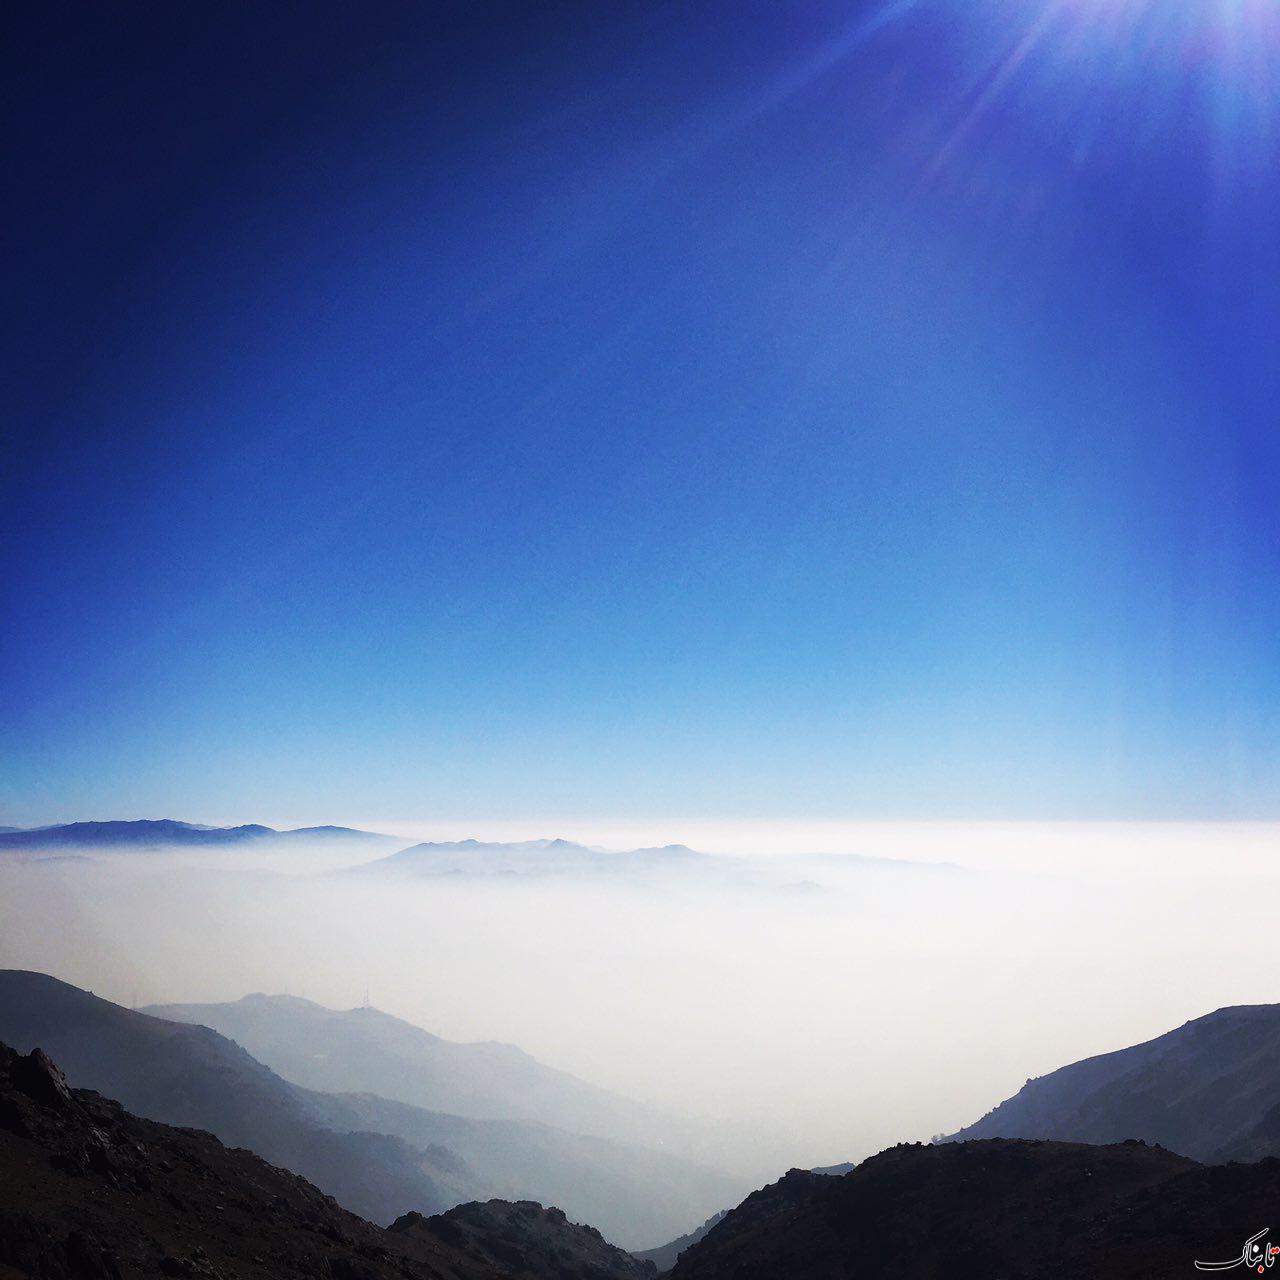 تهران از ارتفاع ٣٠٠٠ ايستگاه ٥ توچال